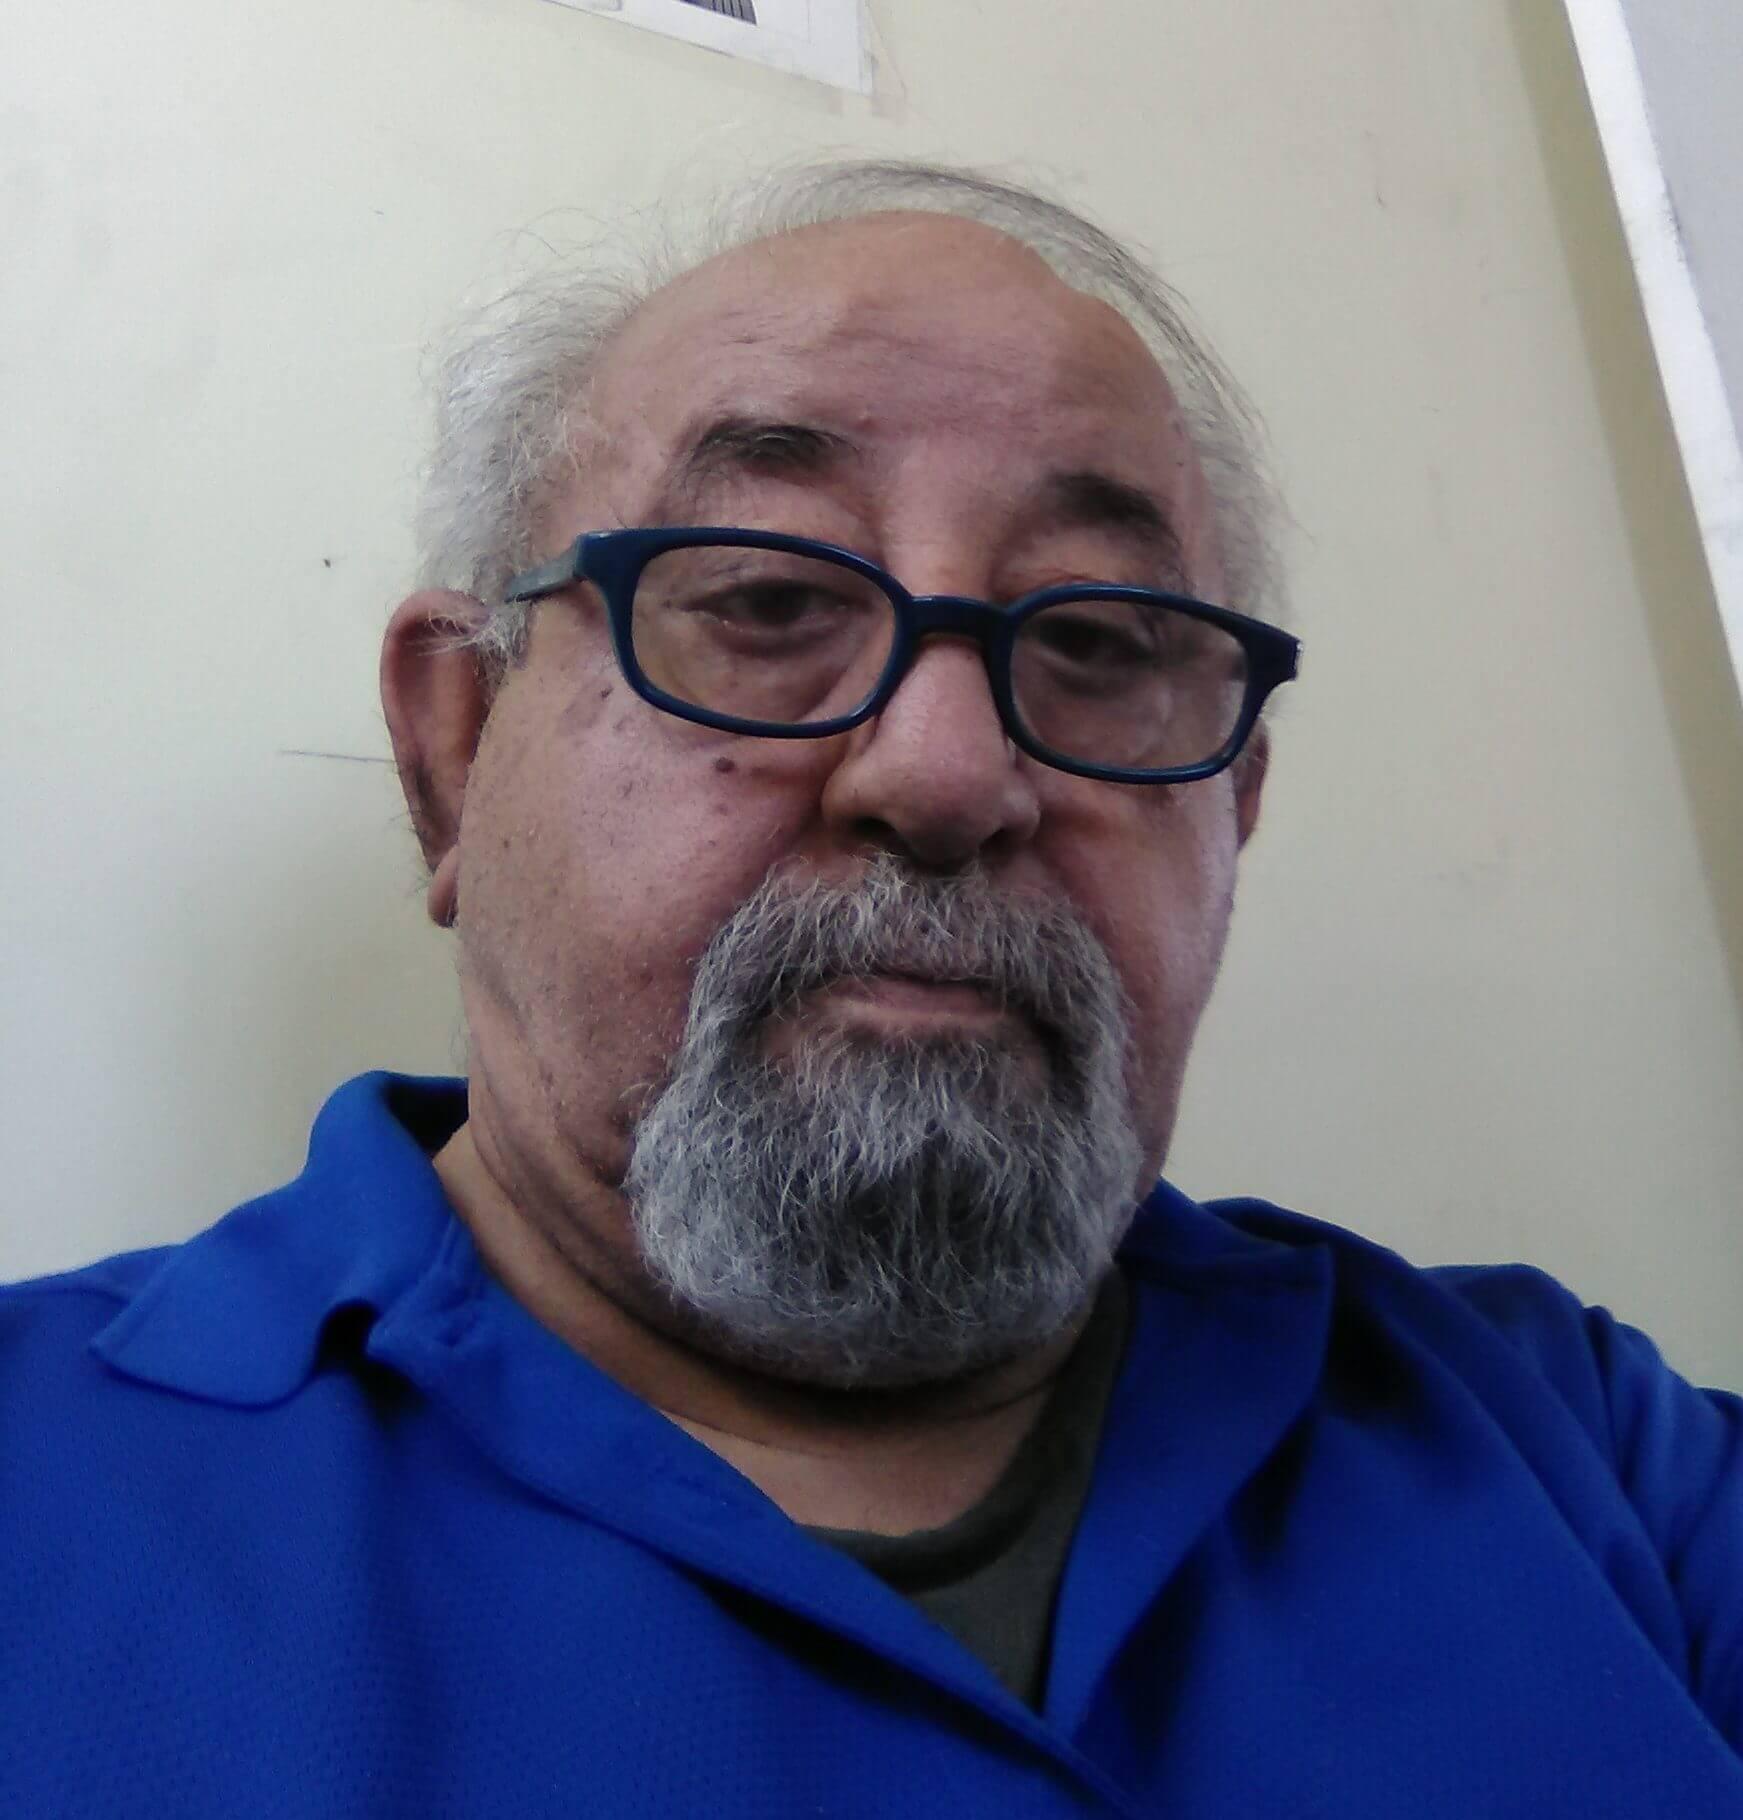 Ali Kiani